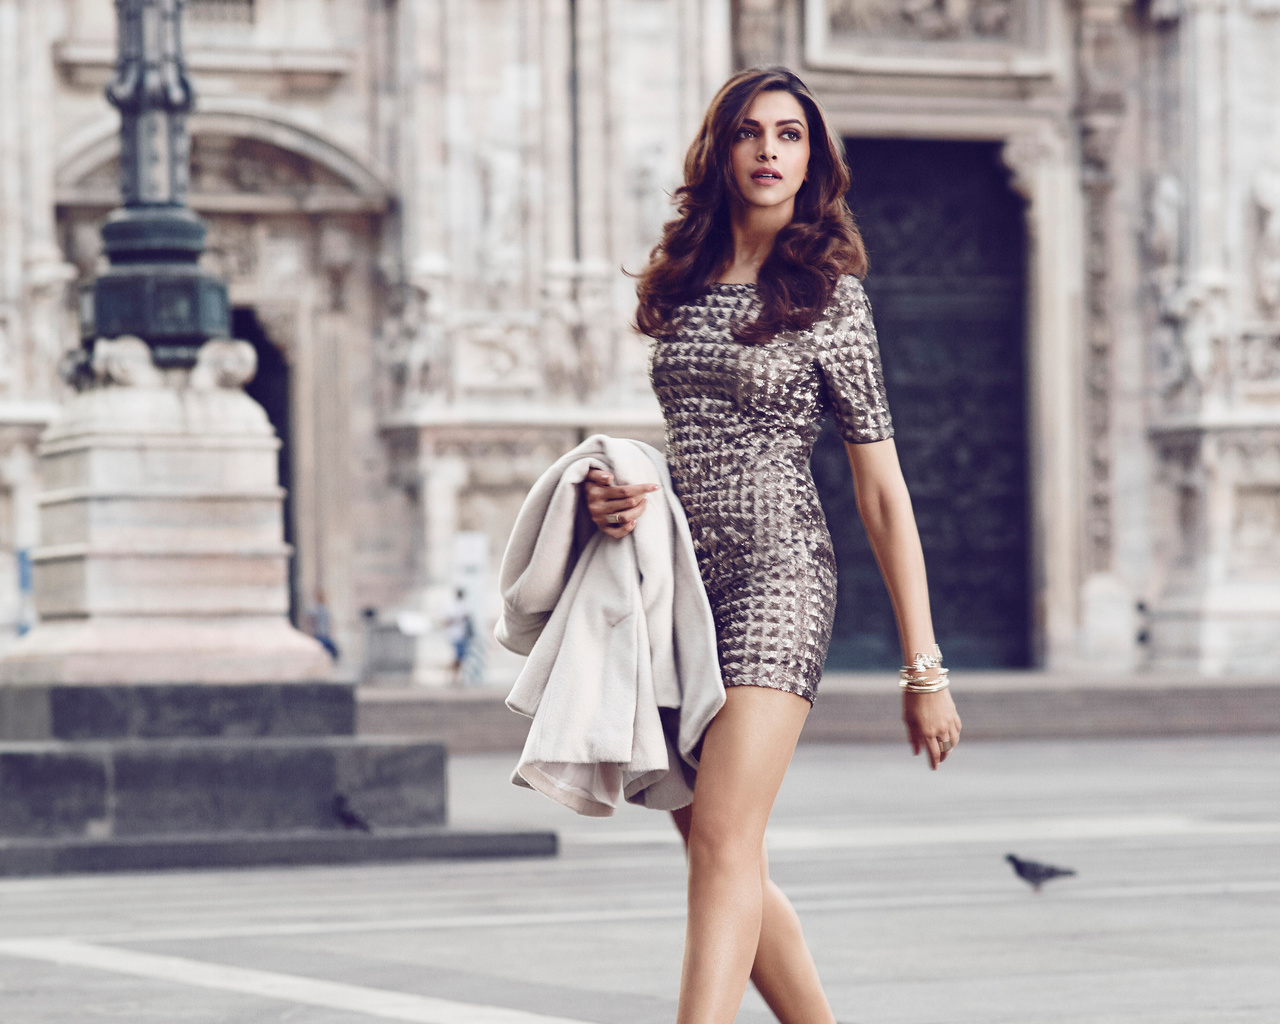 платье, фотосессия, знаменитость, дипика падуконе, dress, photoshoot, celebrity, deepika padukone